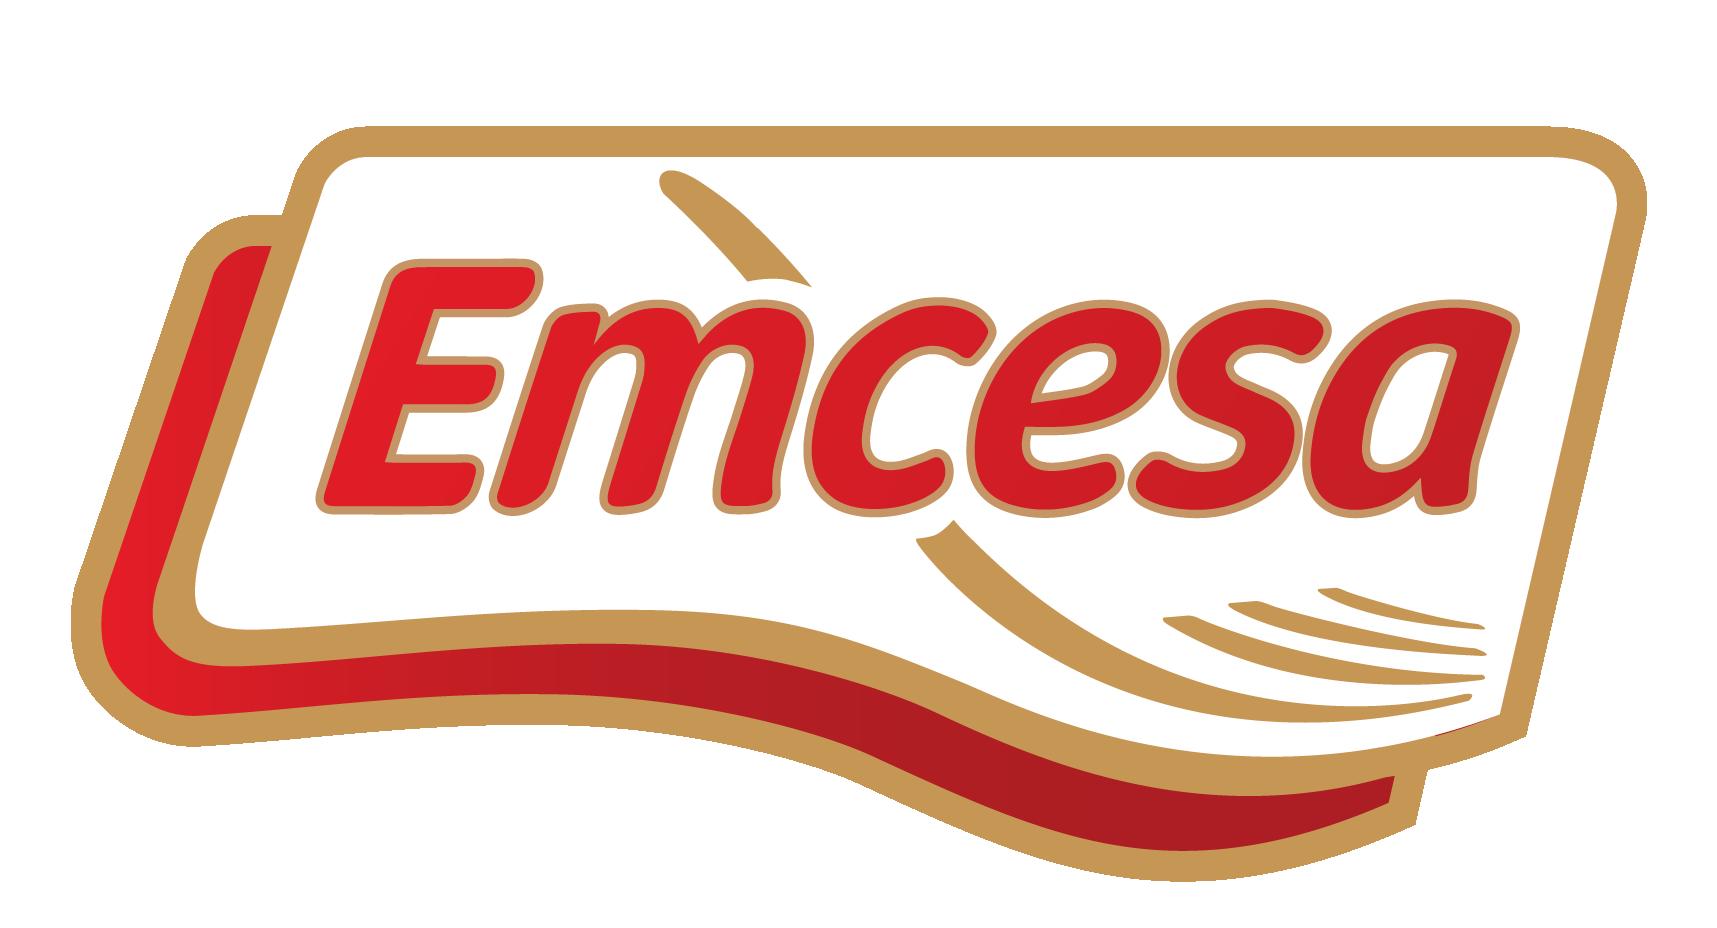 Emcesa alcanza ya las 18 referencias en su gama de productos adobados y consolida la categoría